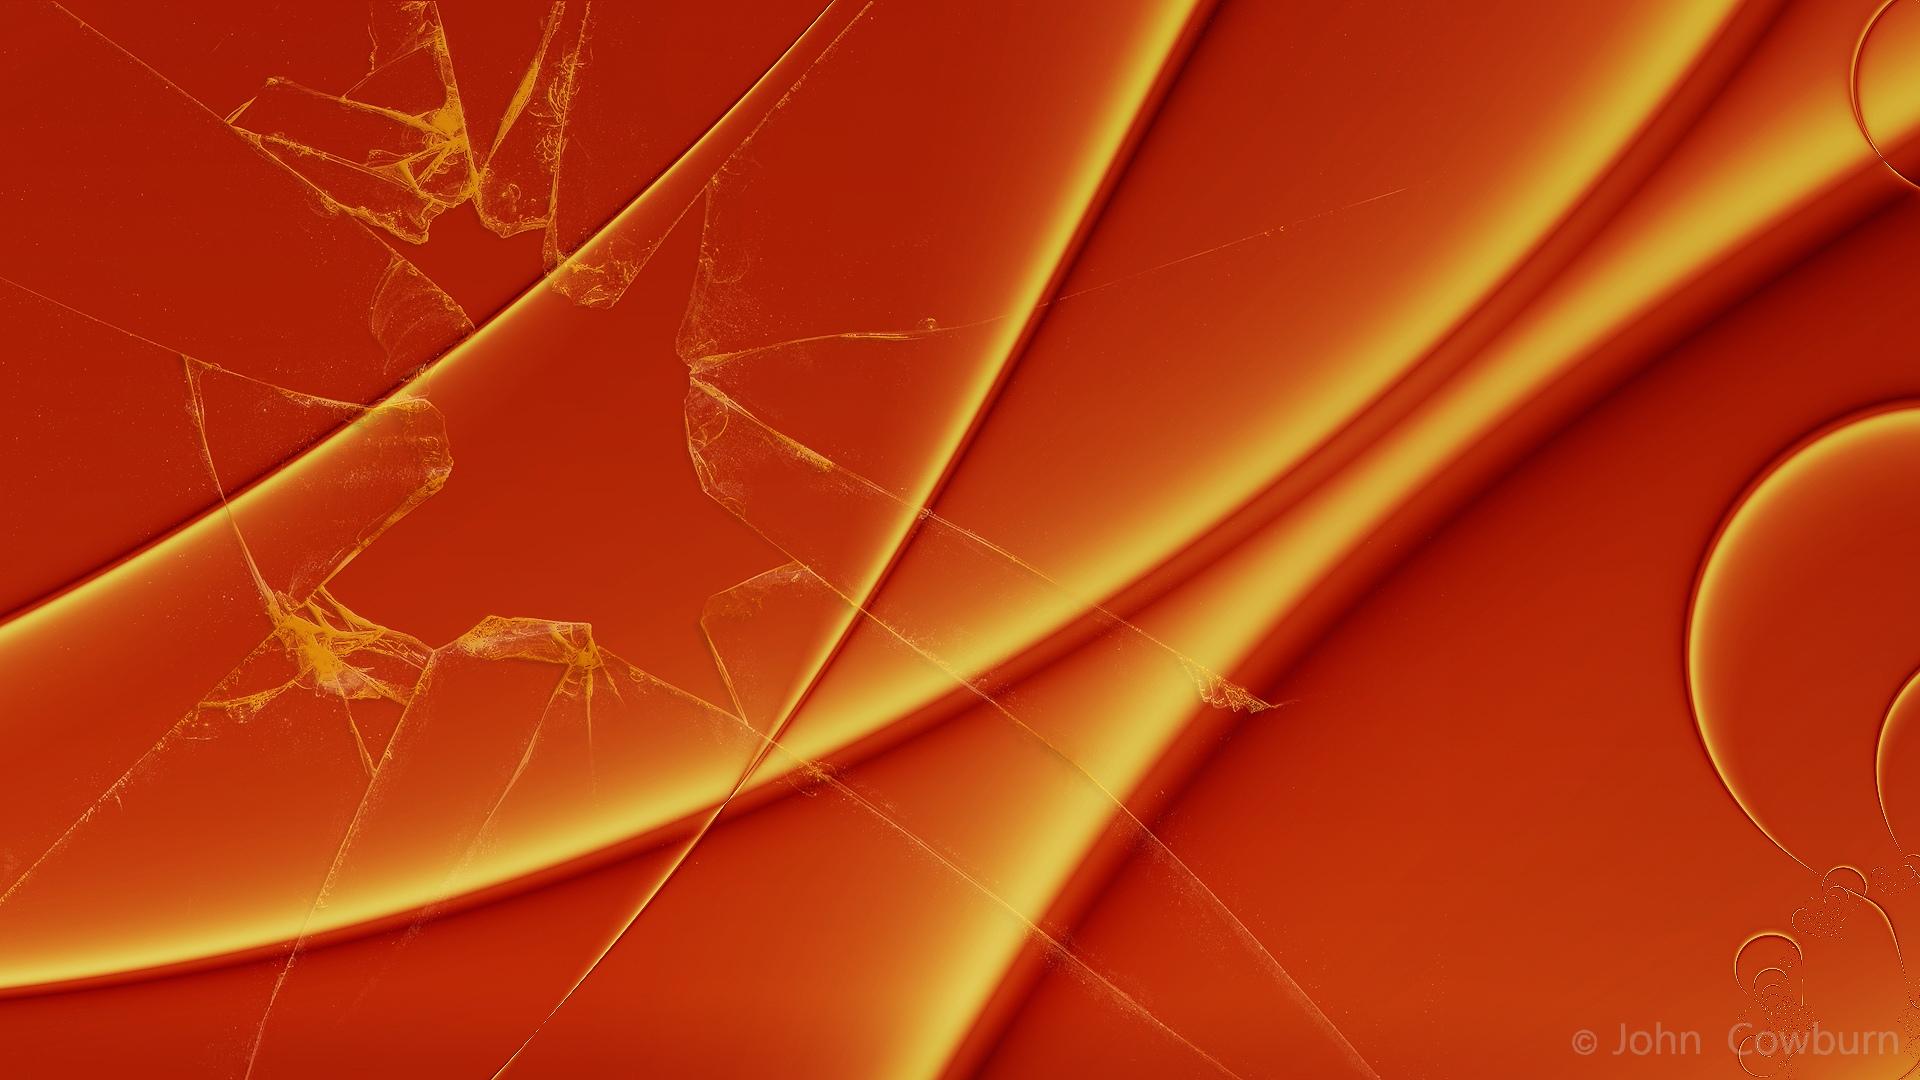 download broken glass 2560x1440 - photo #22